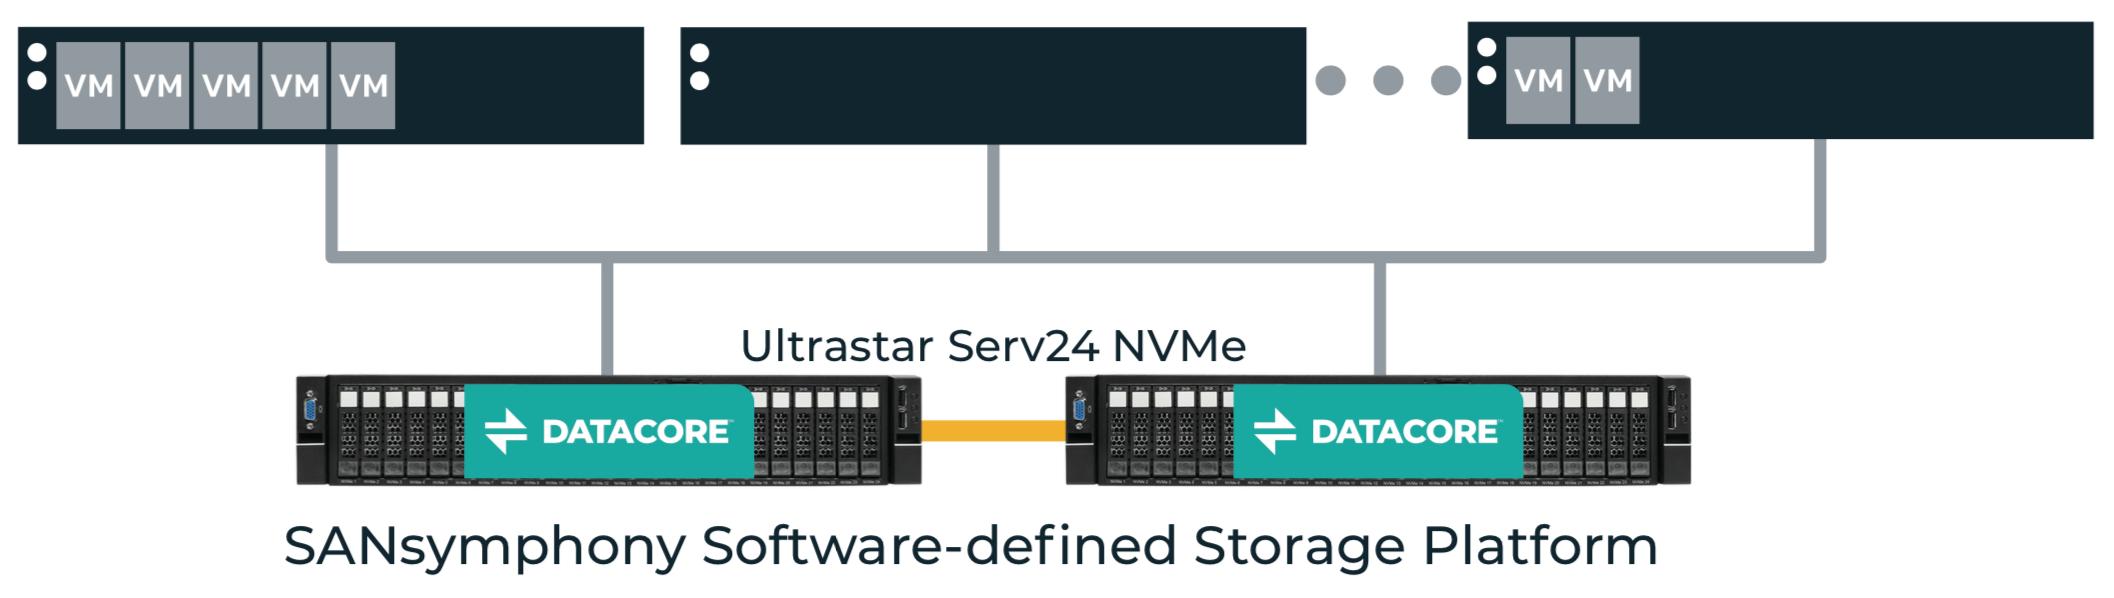 Ultrastar Serv24 NVMe software-defined storage platform